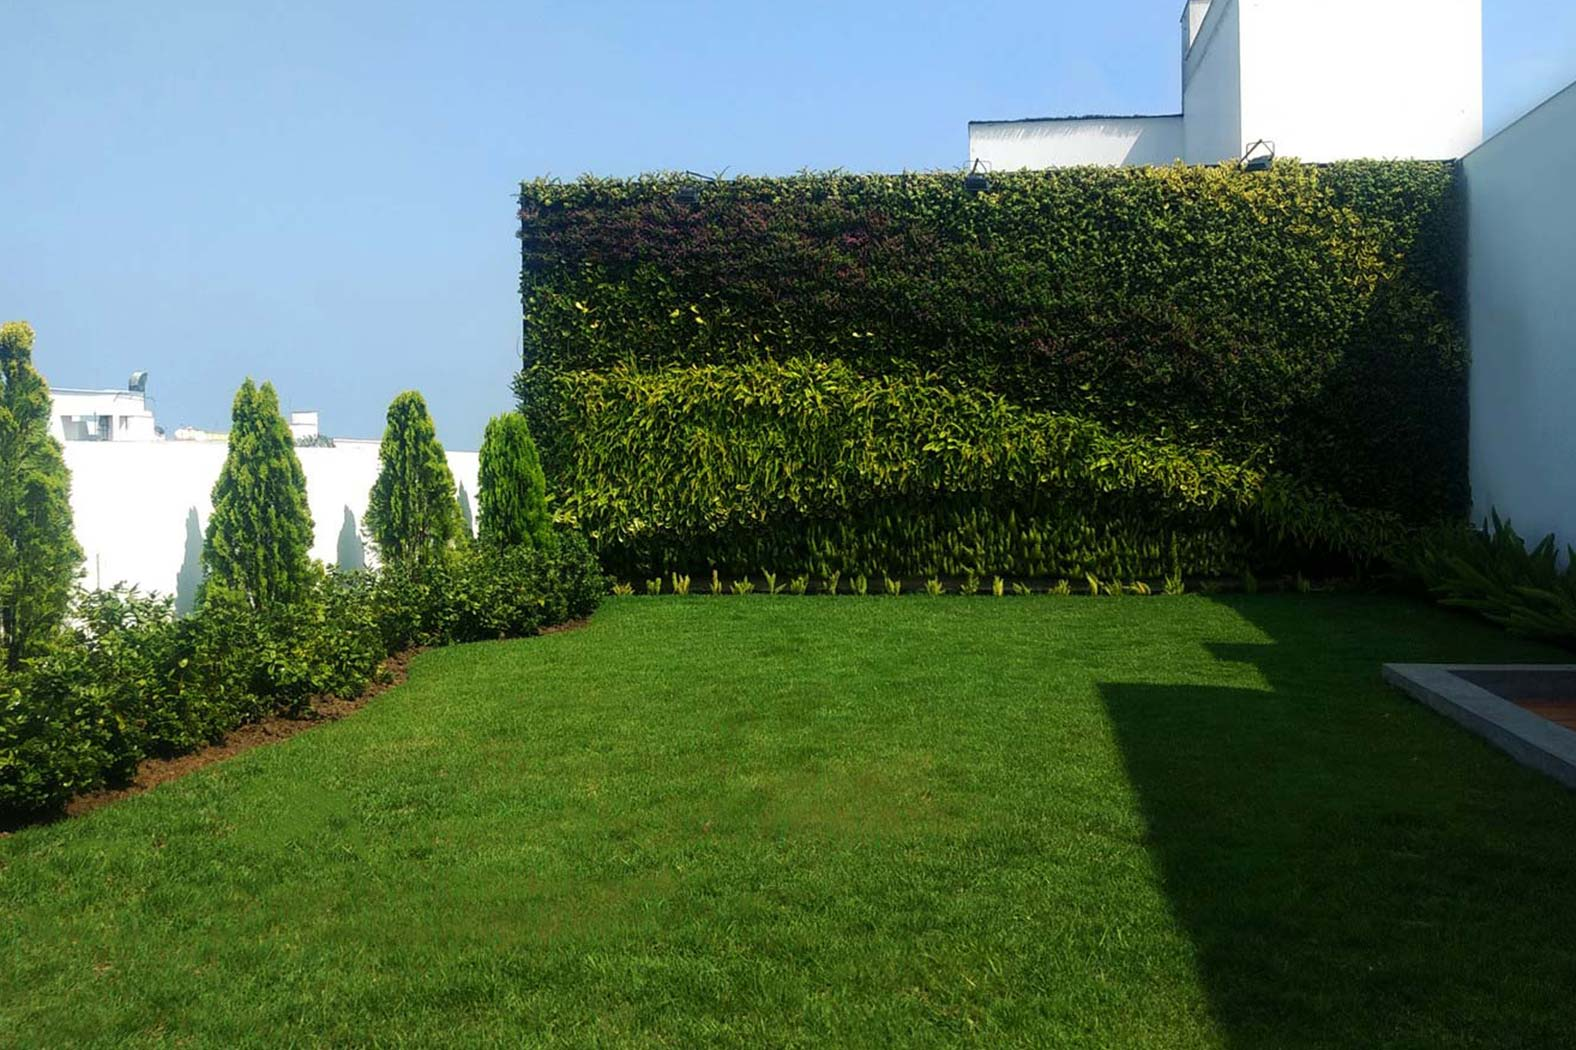 Proyectos jard n vertical jardines verticales for Verde vertical jardines verticales